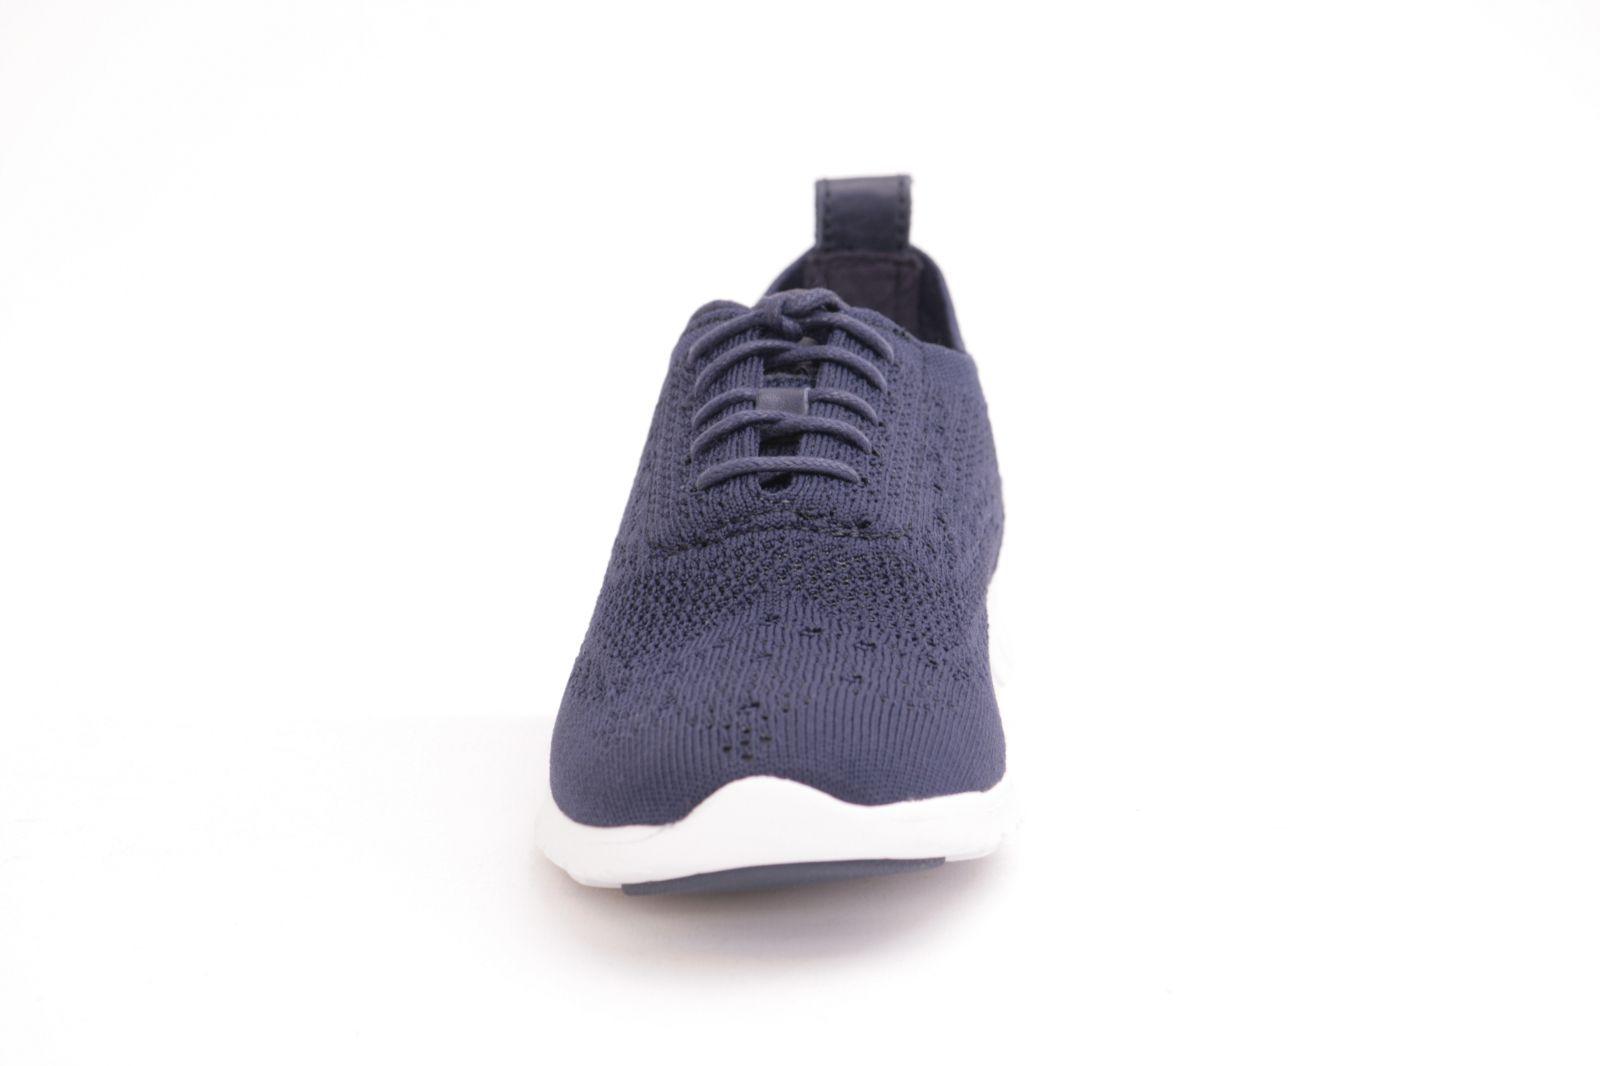 Cole Haan Sneaker Blauw dames (W06730 91 W06730 91) Rigi